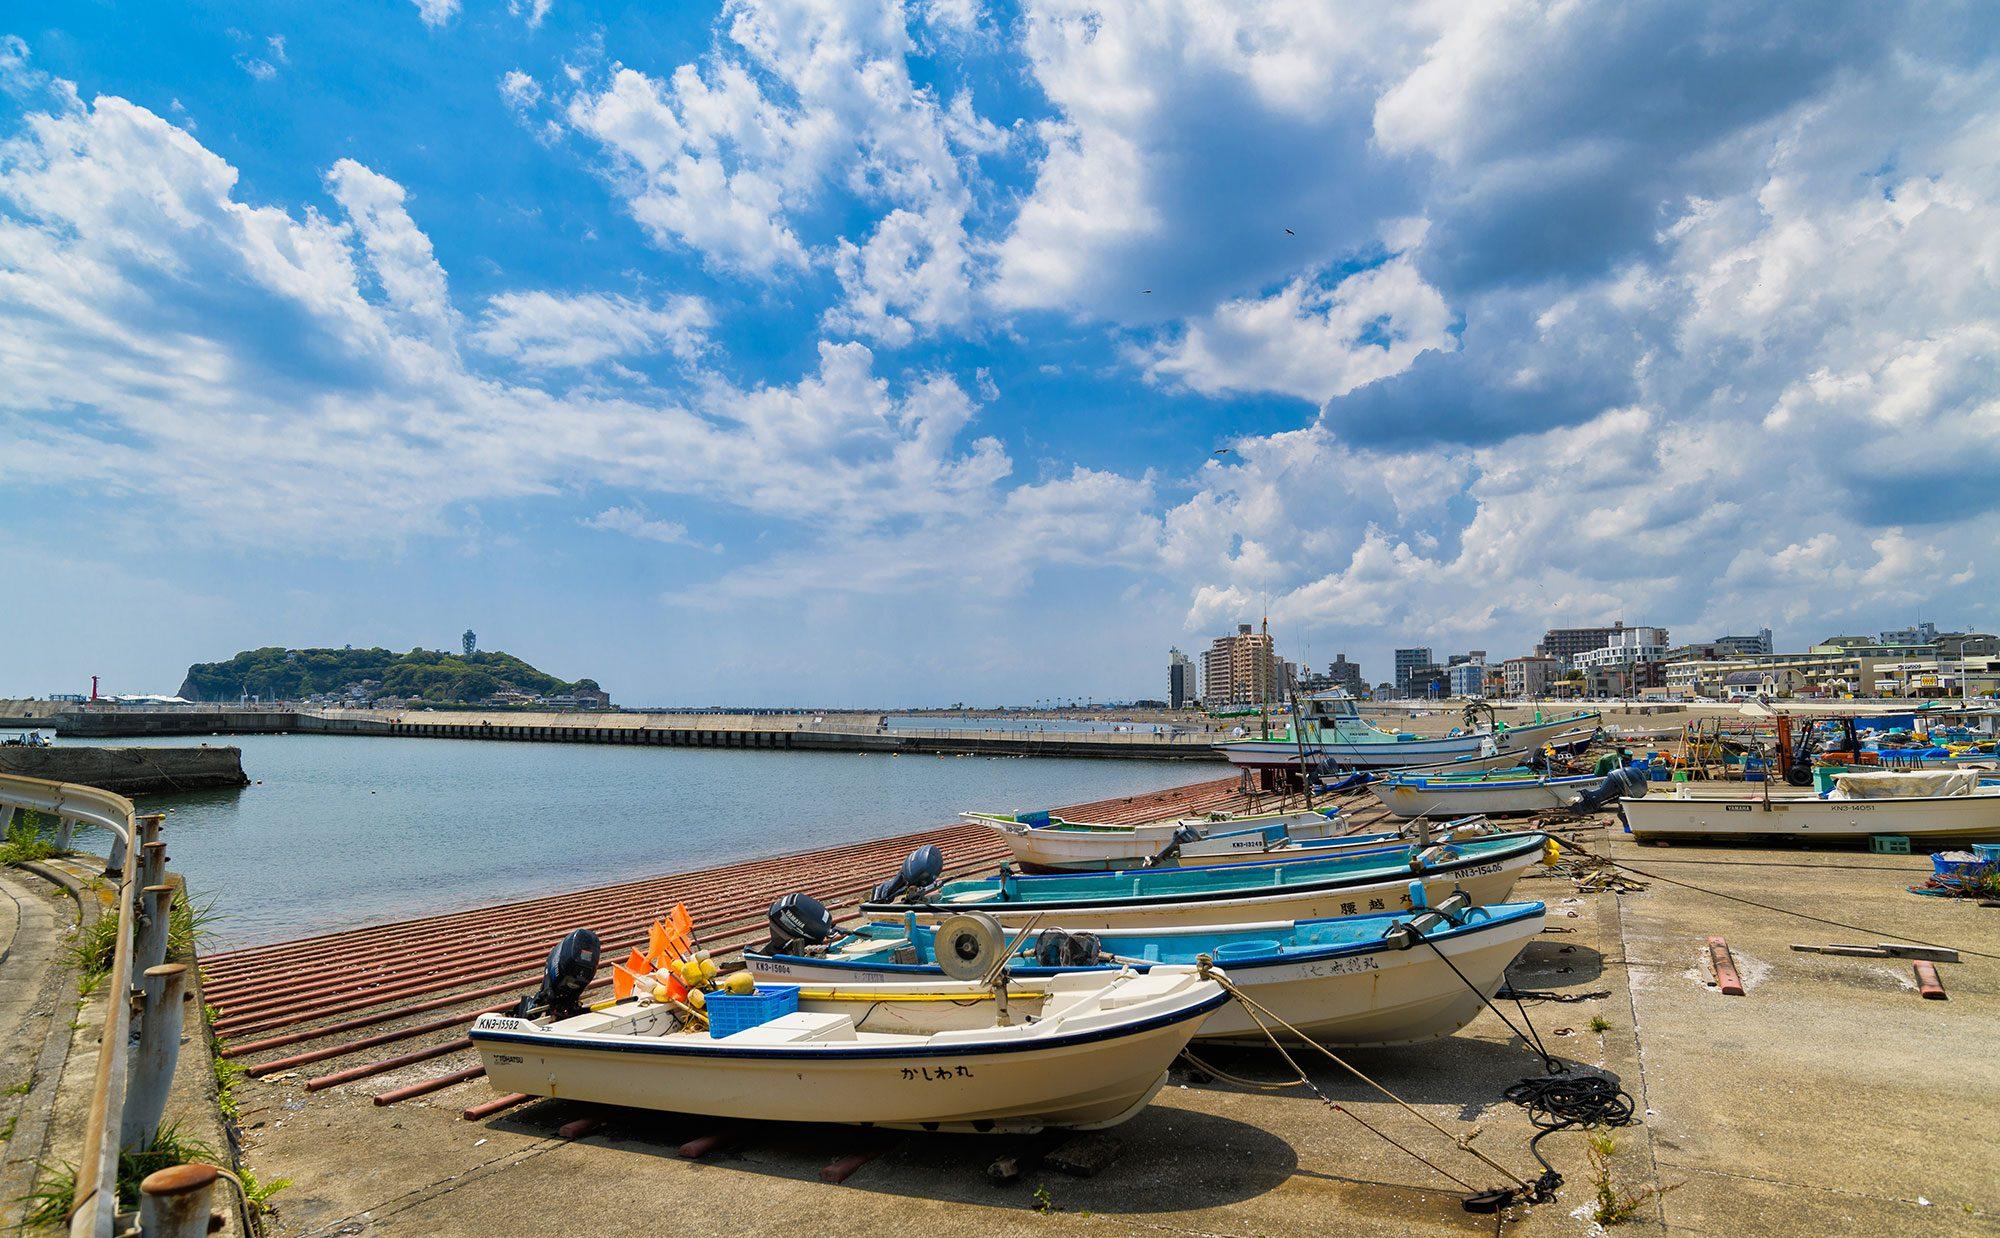 辻堂で日常から漁港を楽しみ尽くす。至福の湘南暮らし